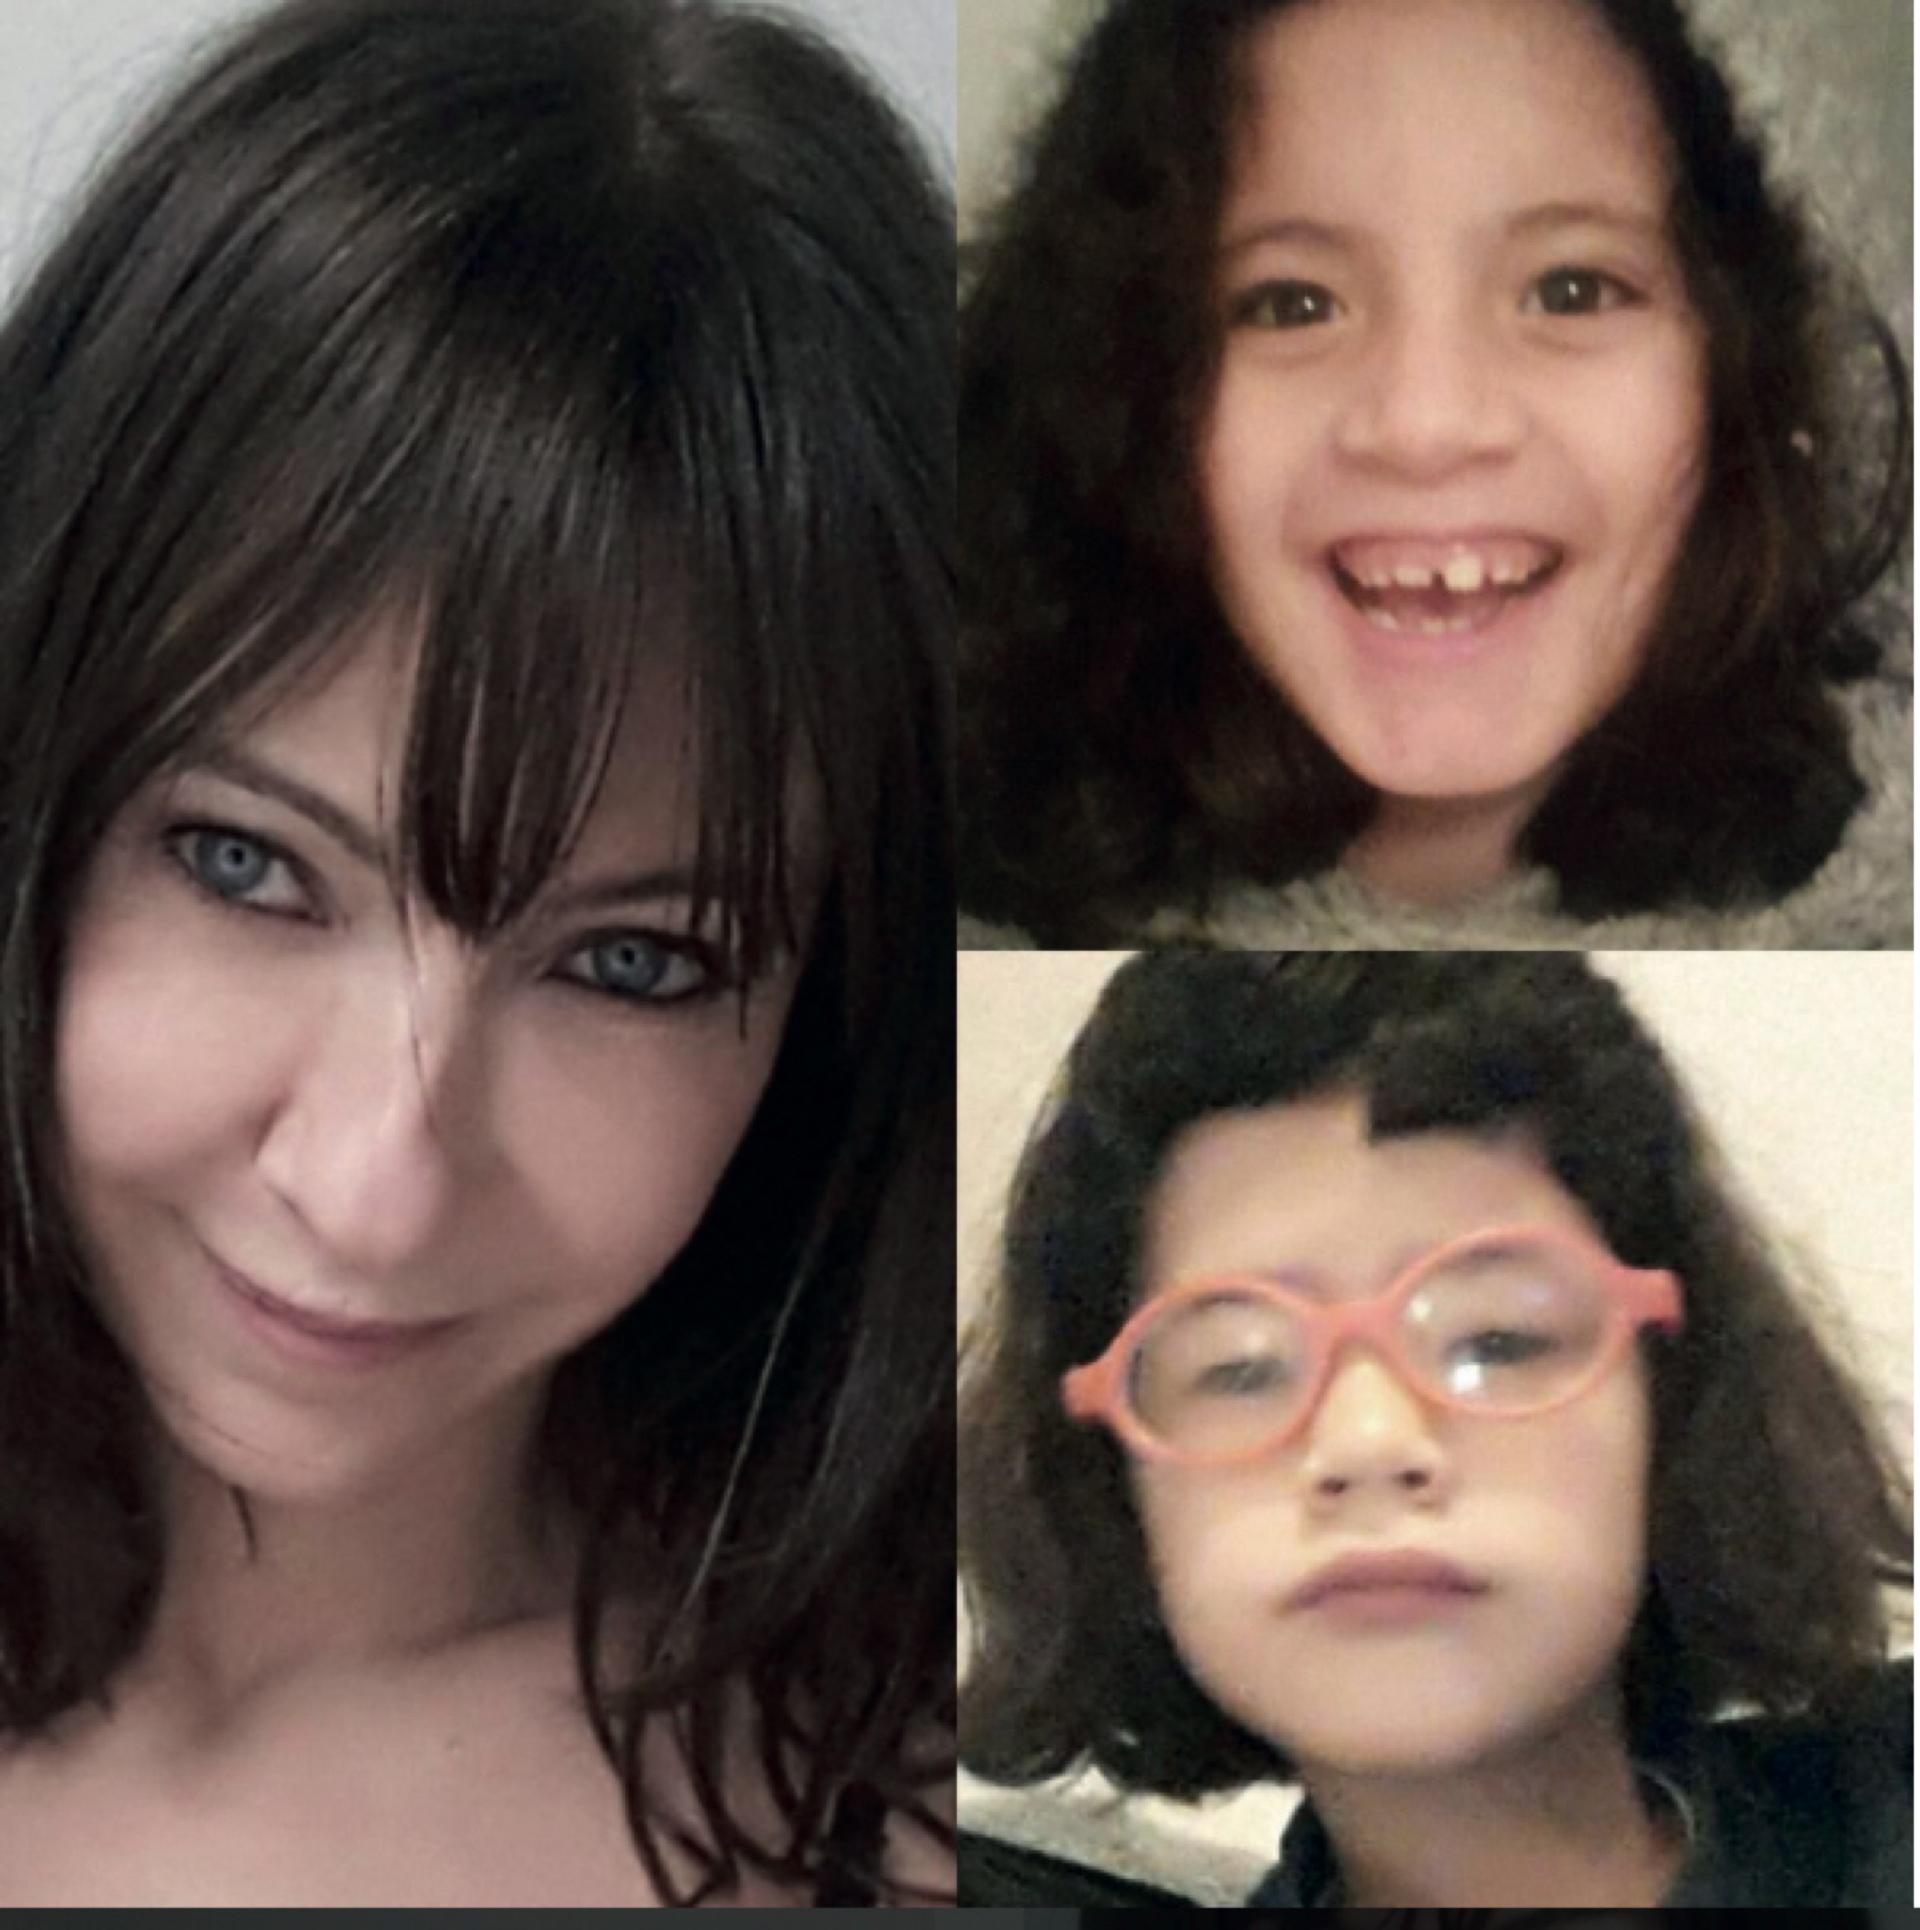 1. Inés en una de las imágenes con sus hijas, Vida y Cielo, que sube al Instagram